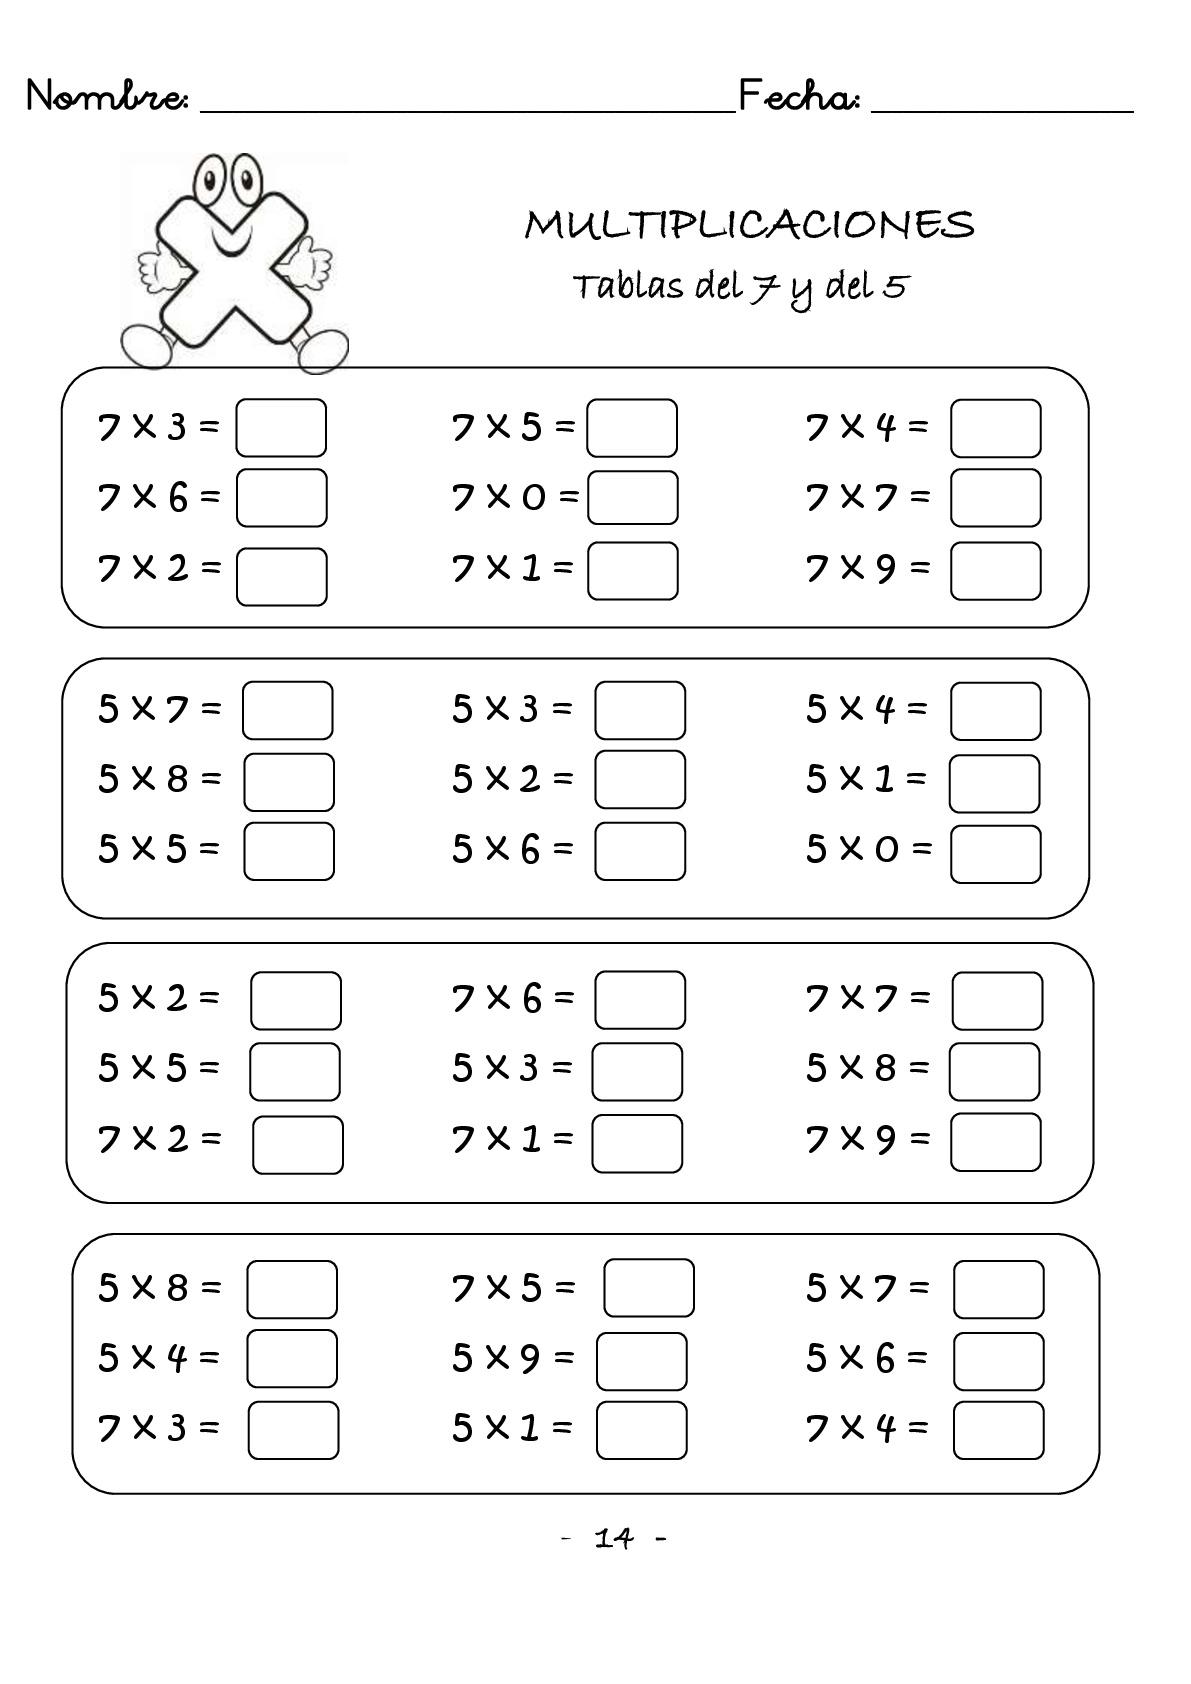 multiplicaciones-rapidas-una-cifra-protegido-015